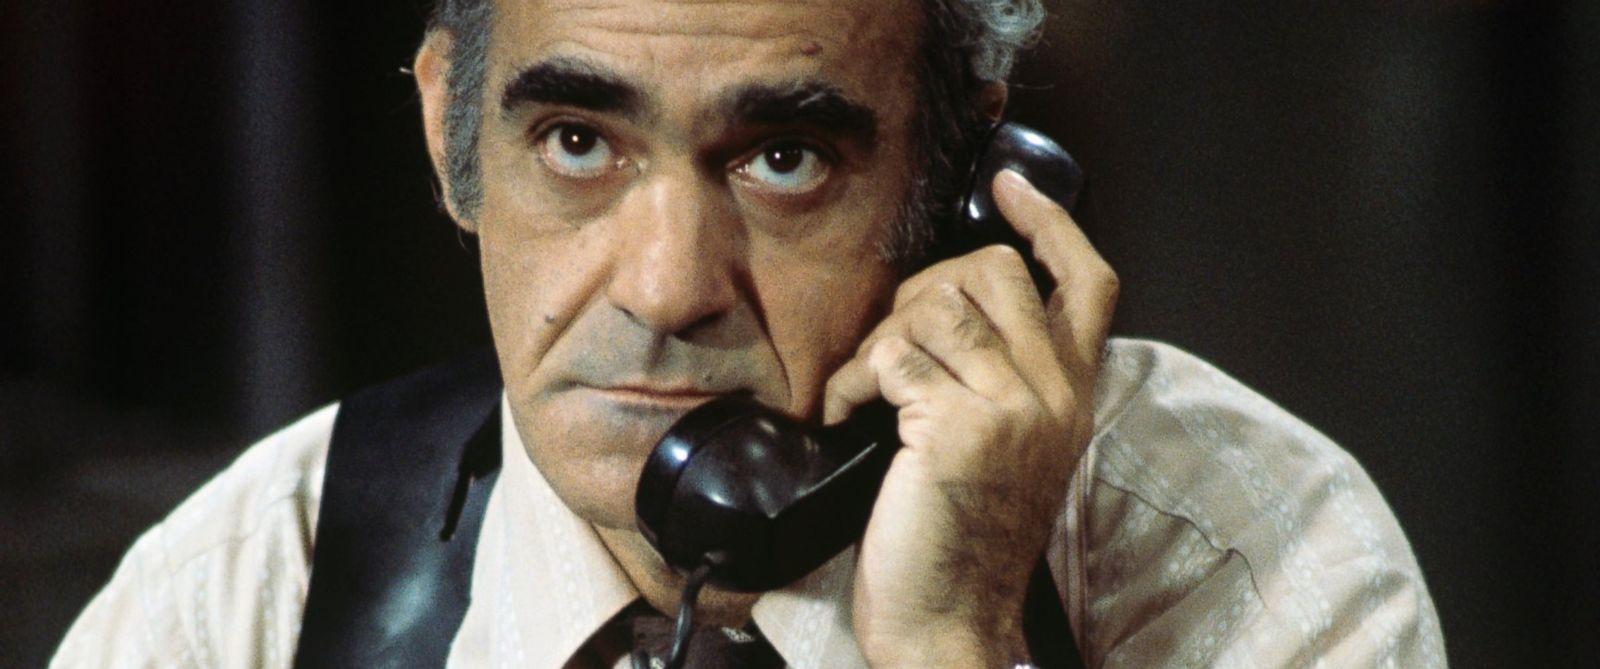 Baba filminin ünlü karakteri Abe Vigoda yaşamını yitirdi